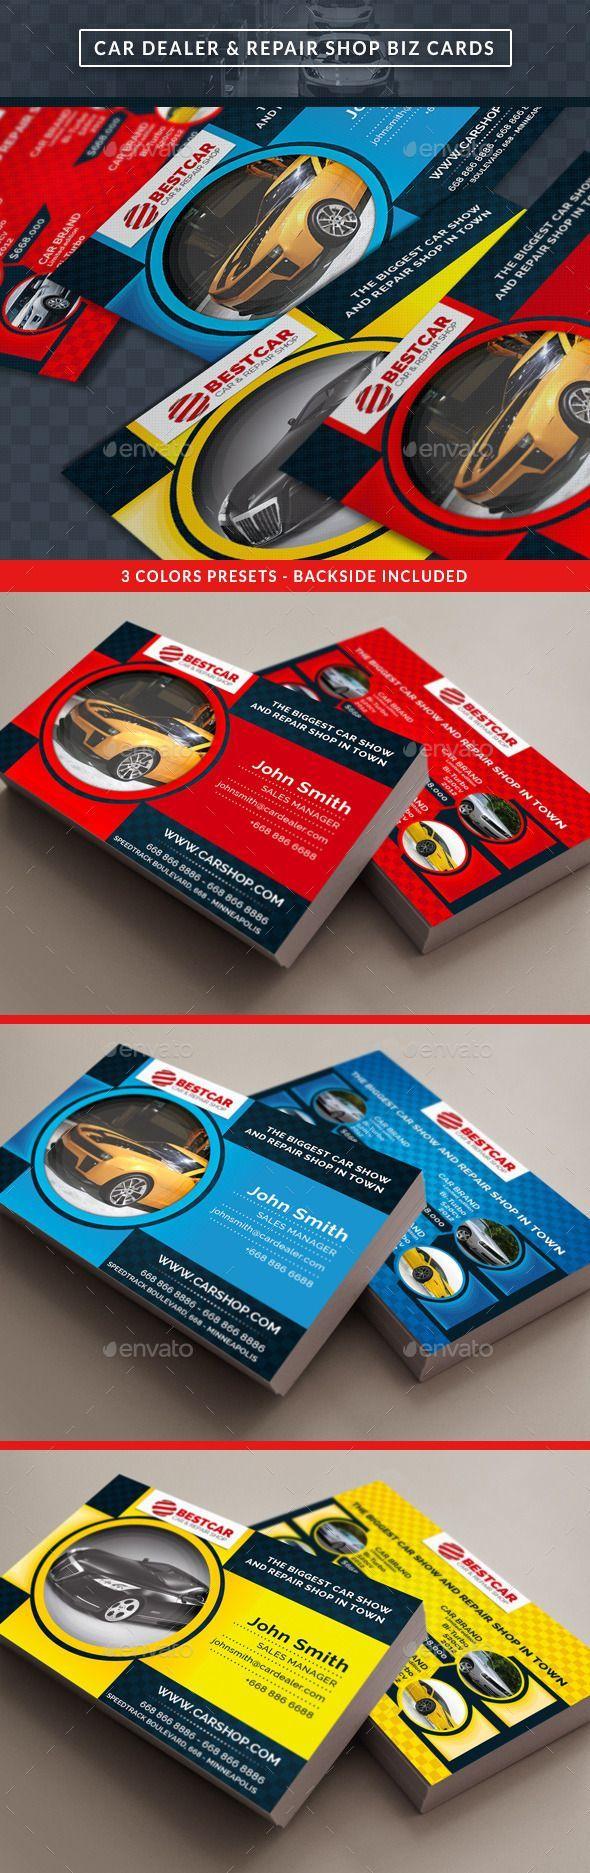 Car Dealer Auto Services Business Card Business Cards Print Templates Auto Business Car Card Cards Dealer Print Services Templates Araba